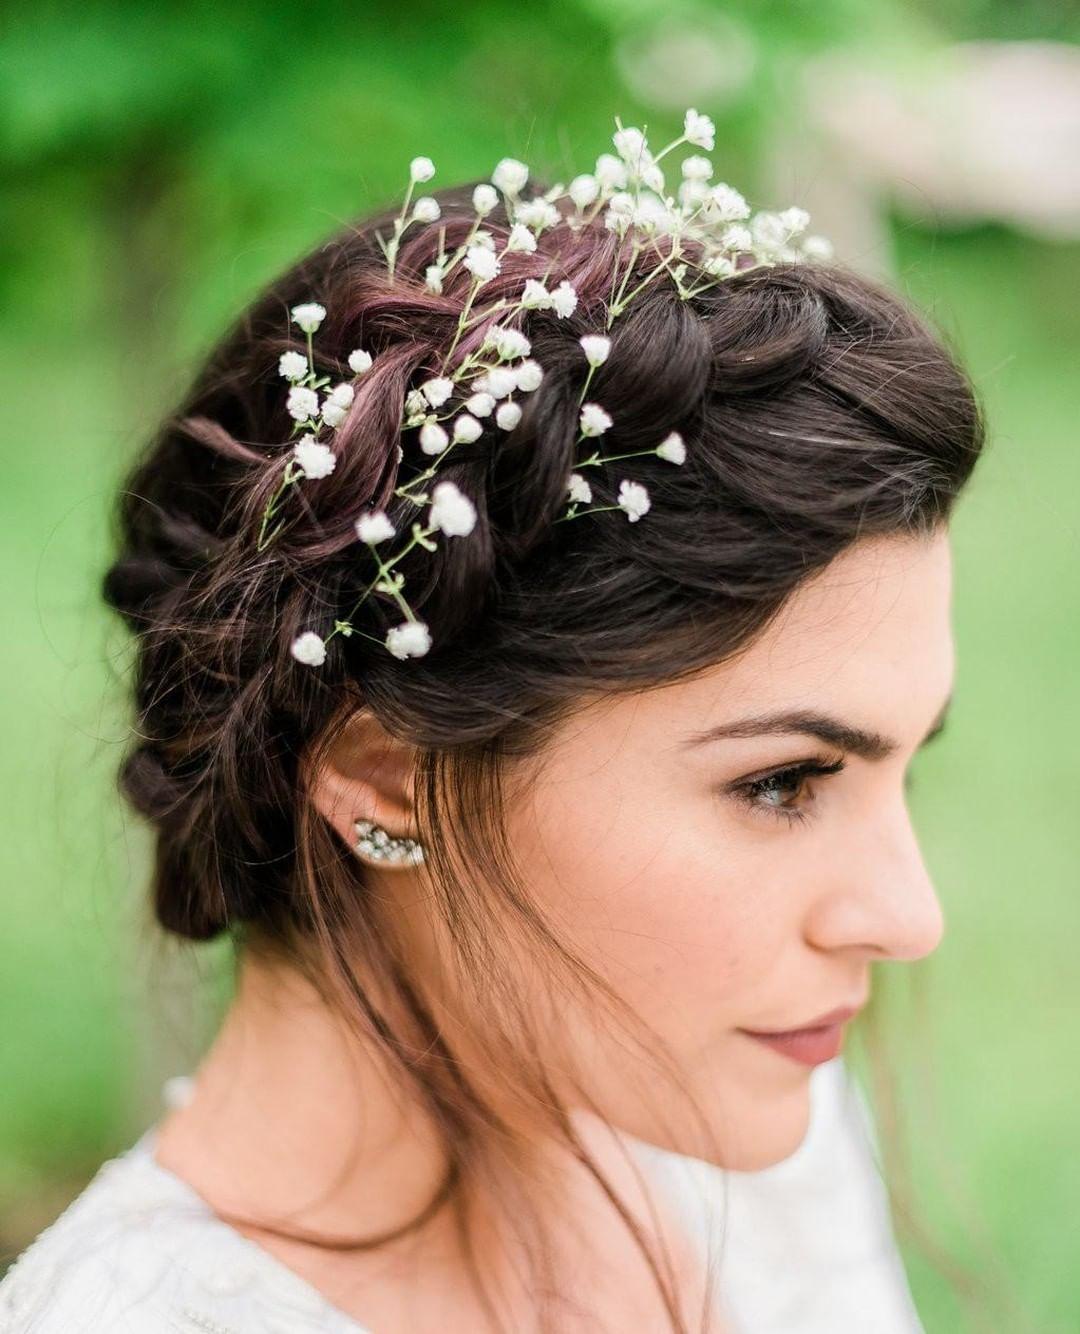 Romantic Flower Crown Flower Crown Hairstyle Flower Crown Wedding Flower Crown Bride